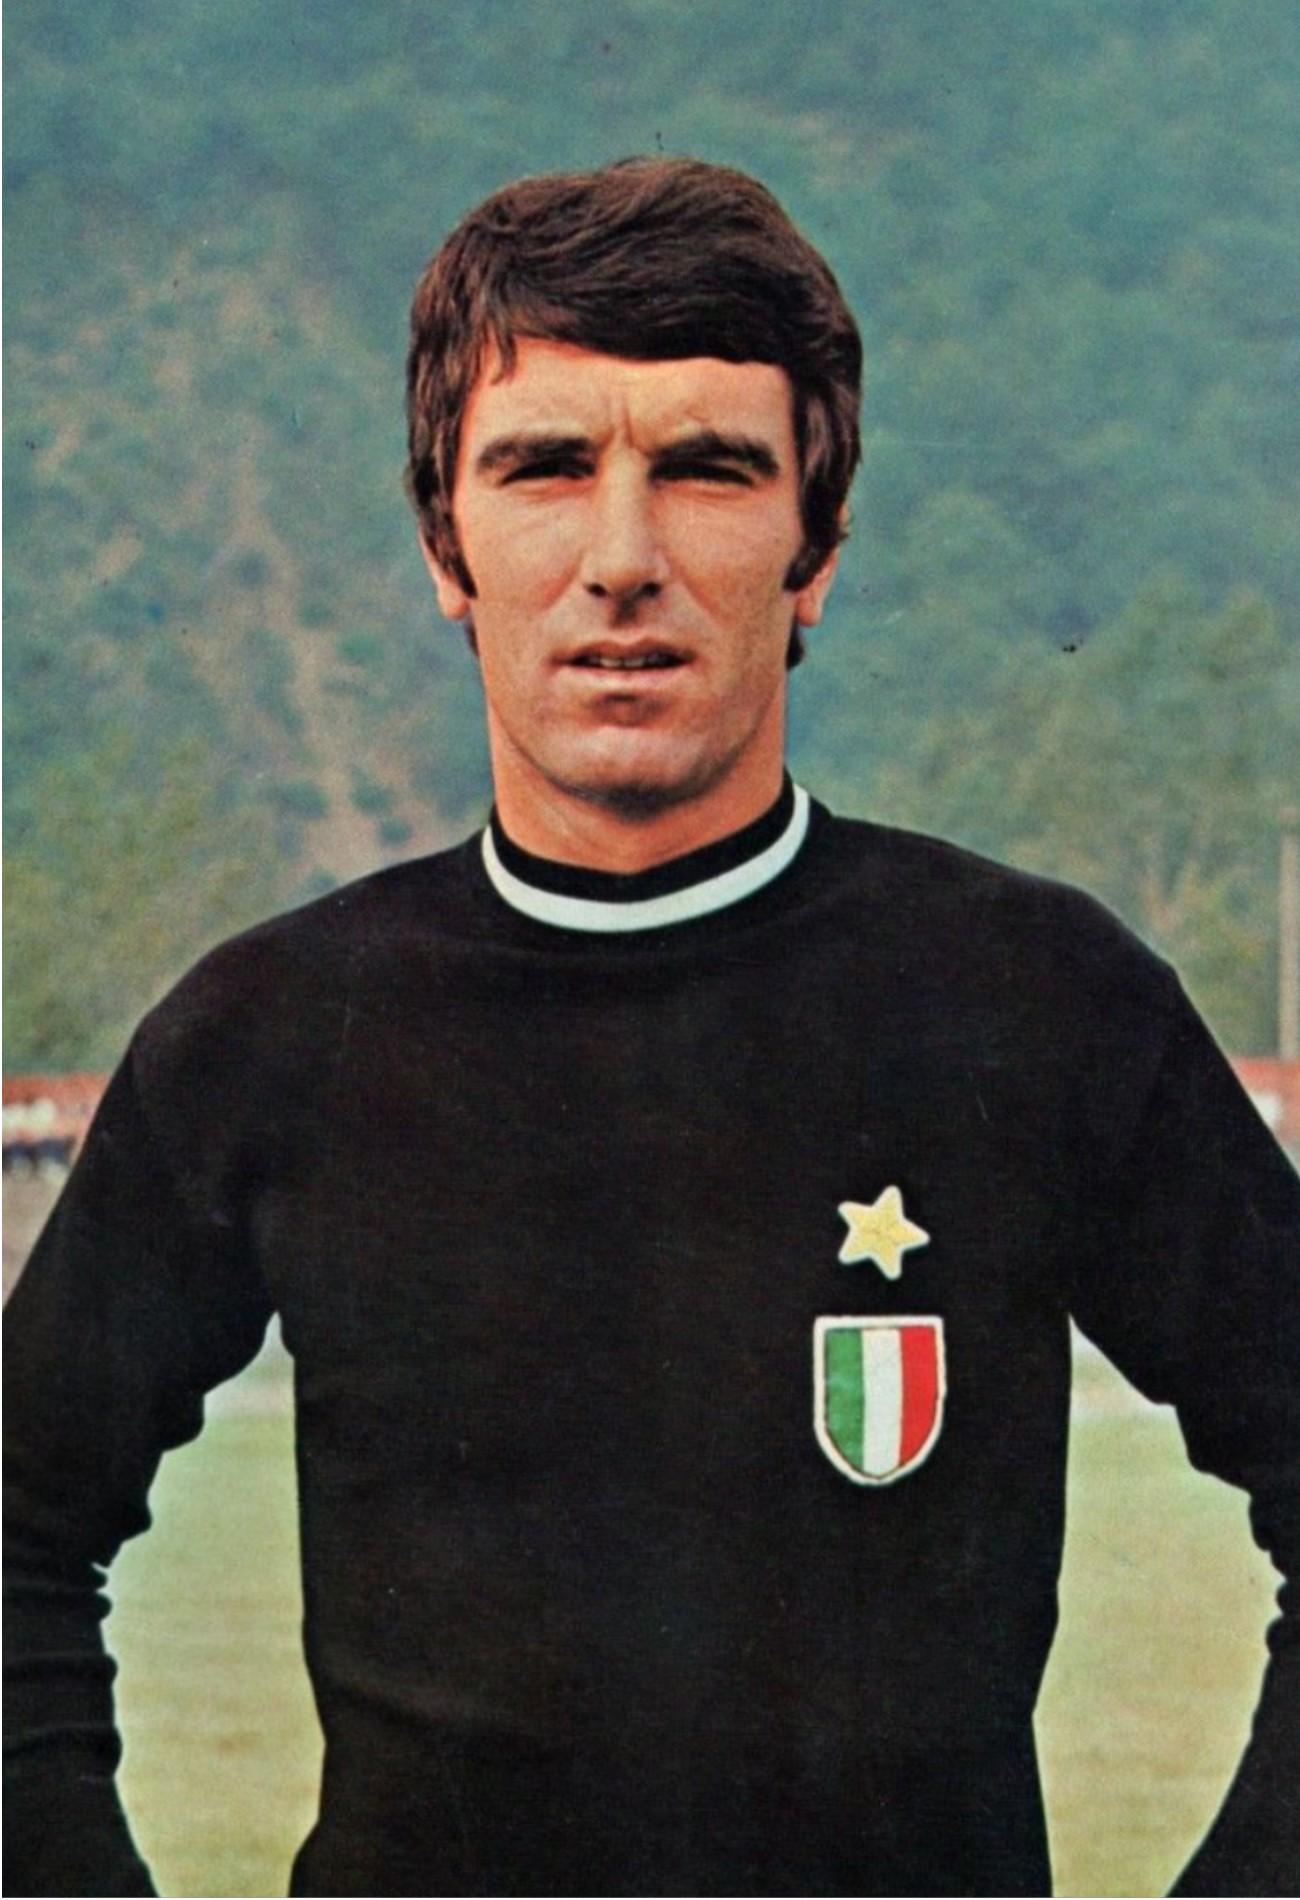 Dino_Zoff_-_1972_-_Juventus_FC